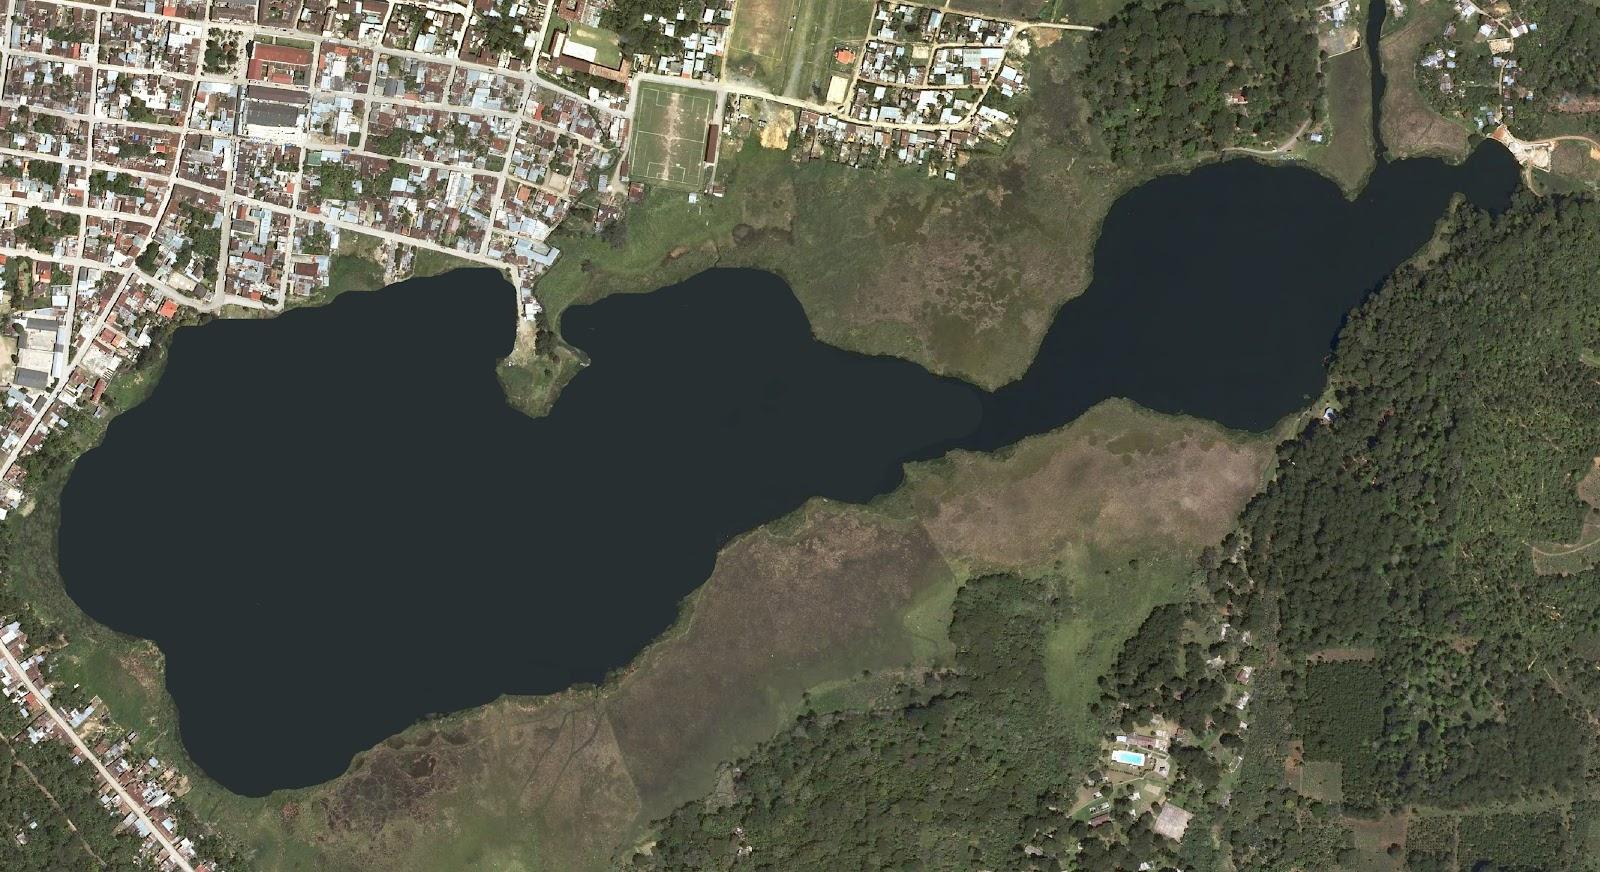 Gasal san cristobal verapaz laguna chichoj la pupila del cielo - Temperatura en san cristobal de la laguna ...